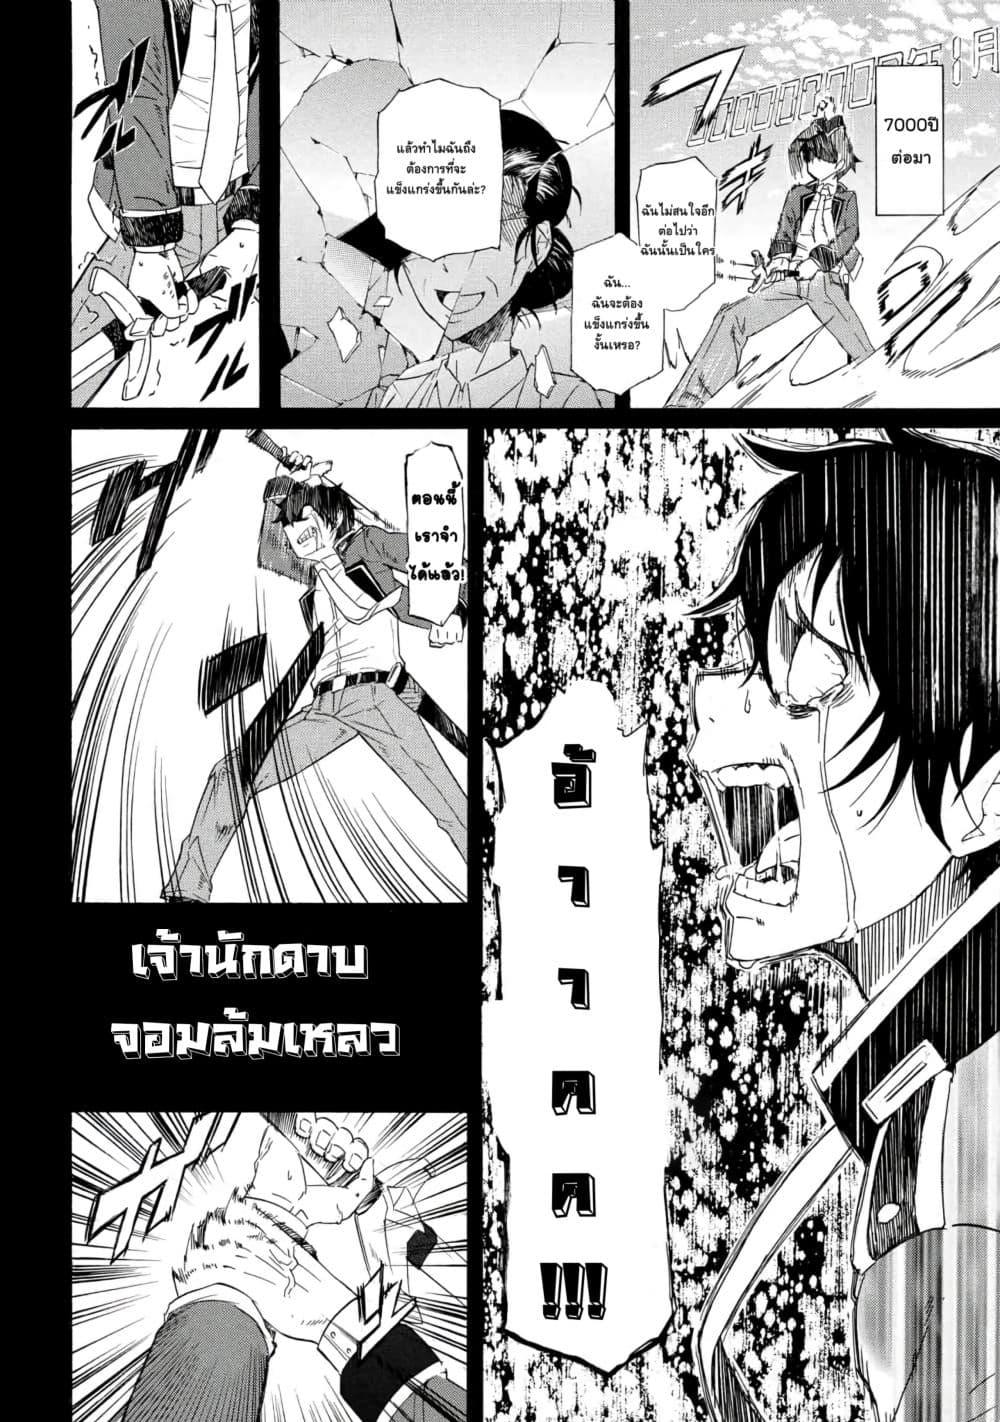 อ่านการ์ตูน Ichioku-nen Button o Renda Shita Ore wa Kizuitara Saikyou ni Natteita ตอนที่ 1.3 หน้าที่ 8